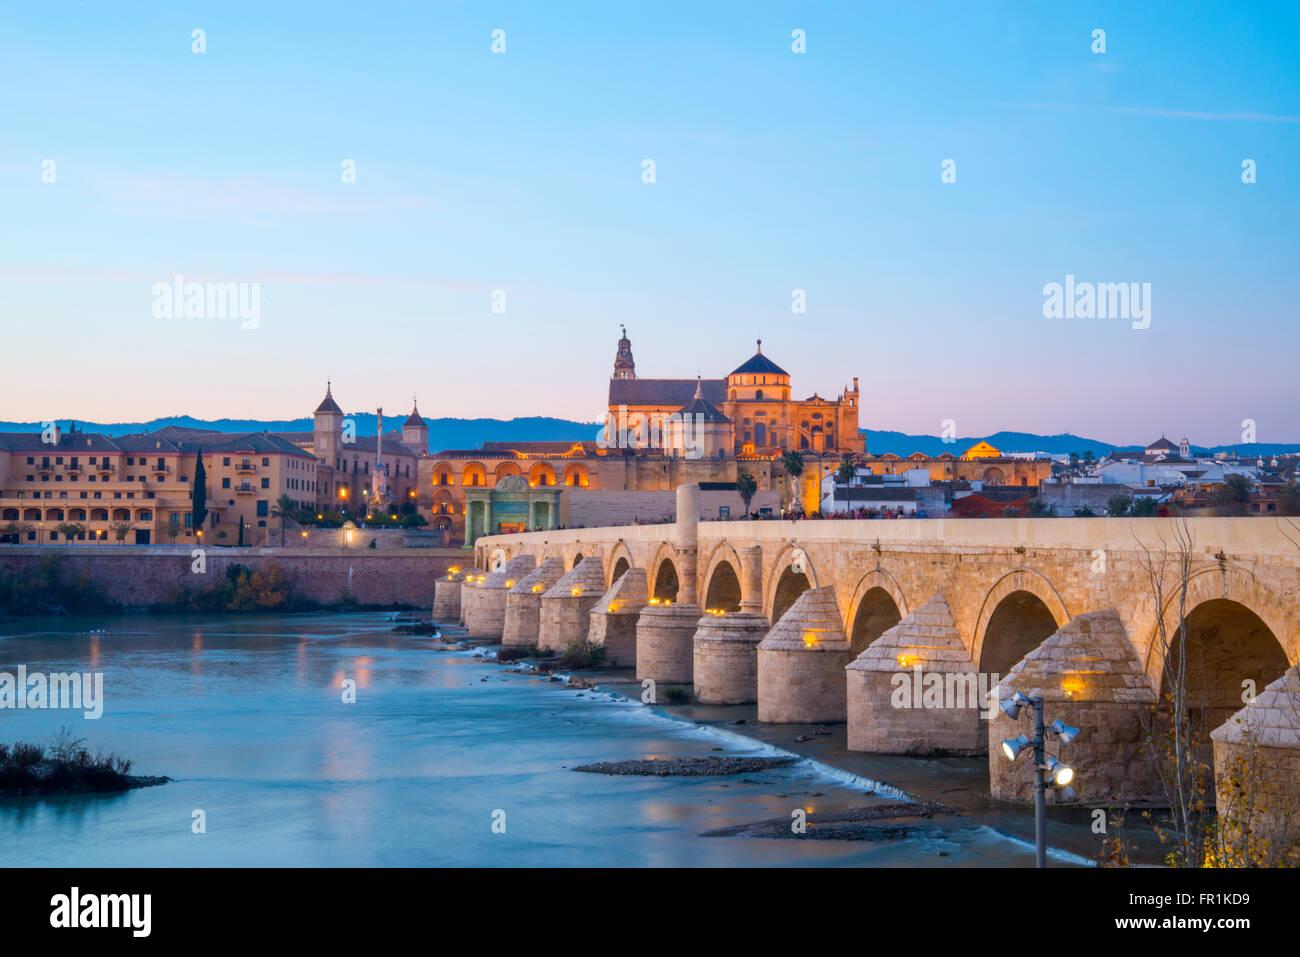 El río Guadalquivir, puente romano y una vista de la ciudad al anochecer. Cordoba, España. Foto de stock